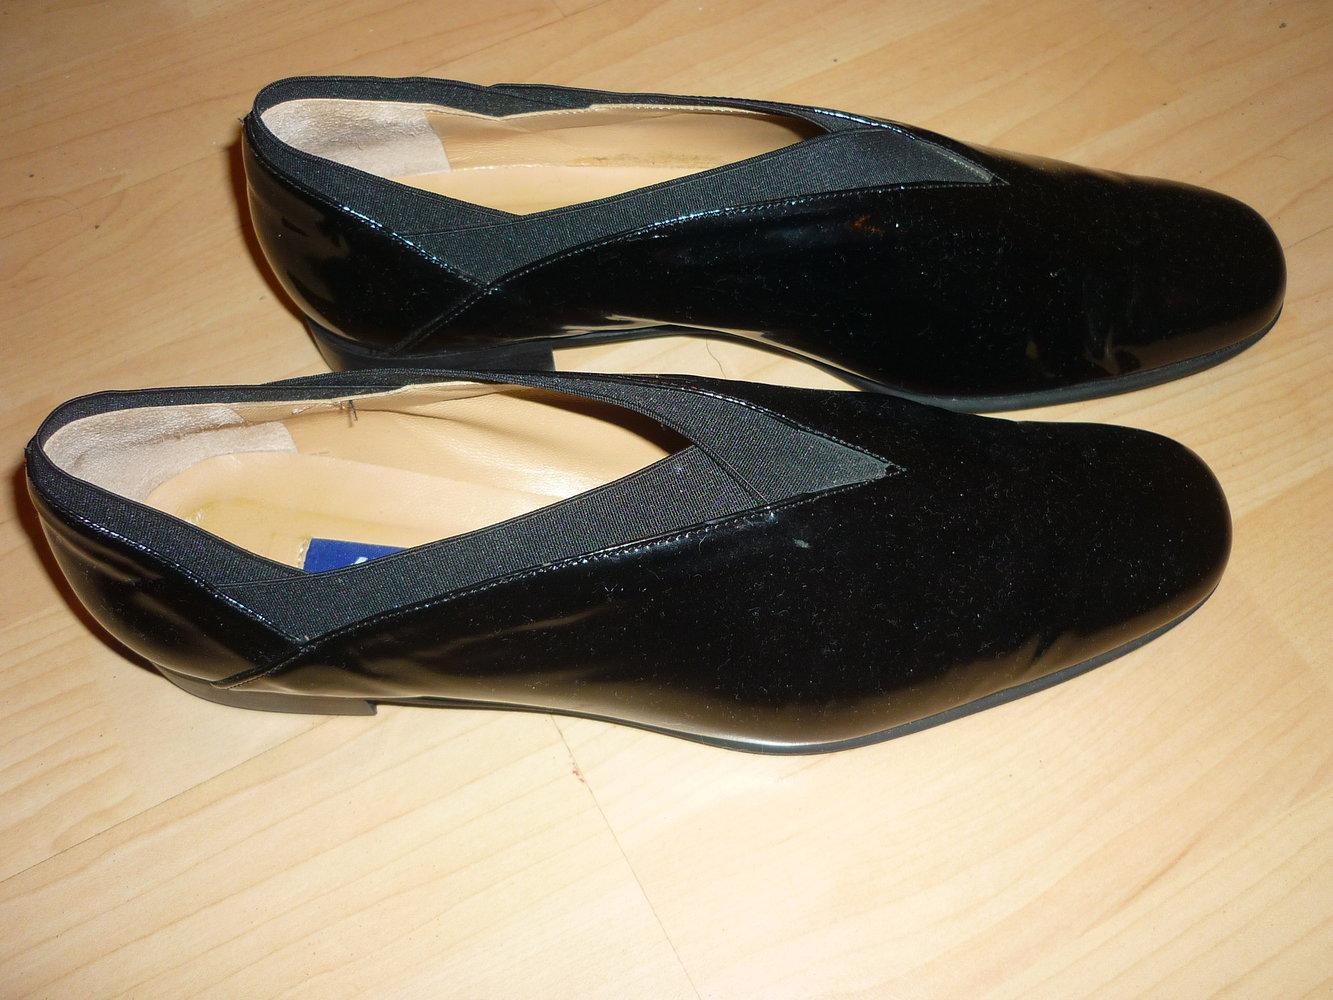 sale retailer 9caa0 b8235 Lavorazione Artigiana Kämpgen, Handmade, Schuhe, Made in Italy, schwarz  Lack, Größe 39